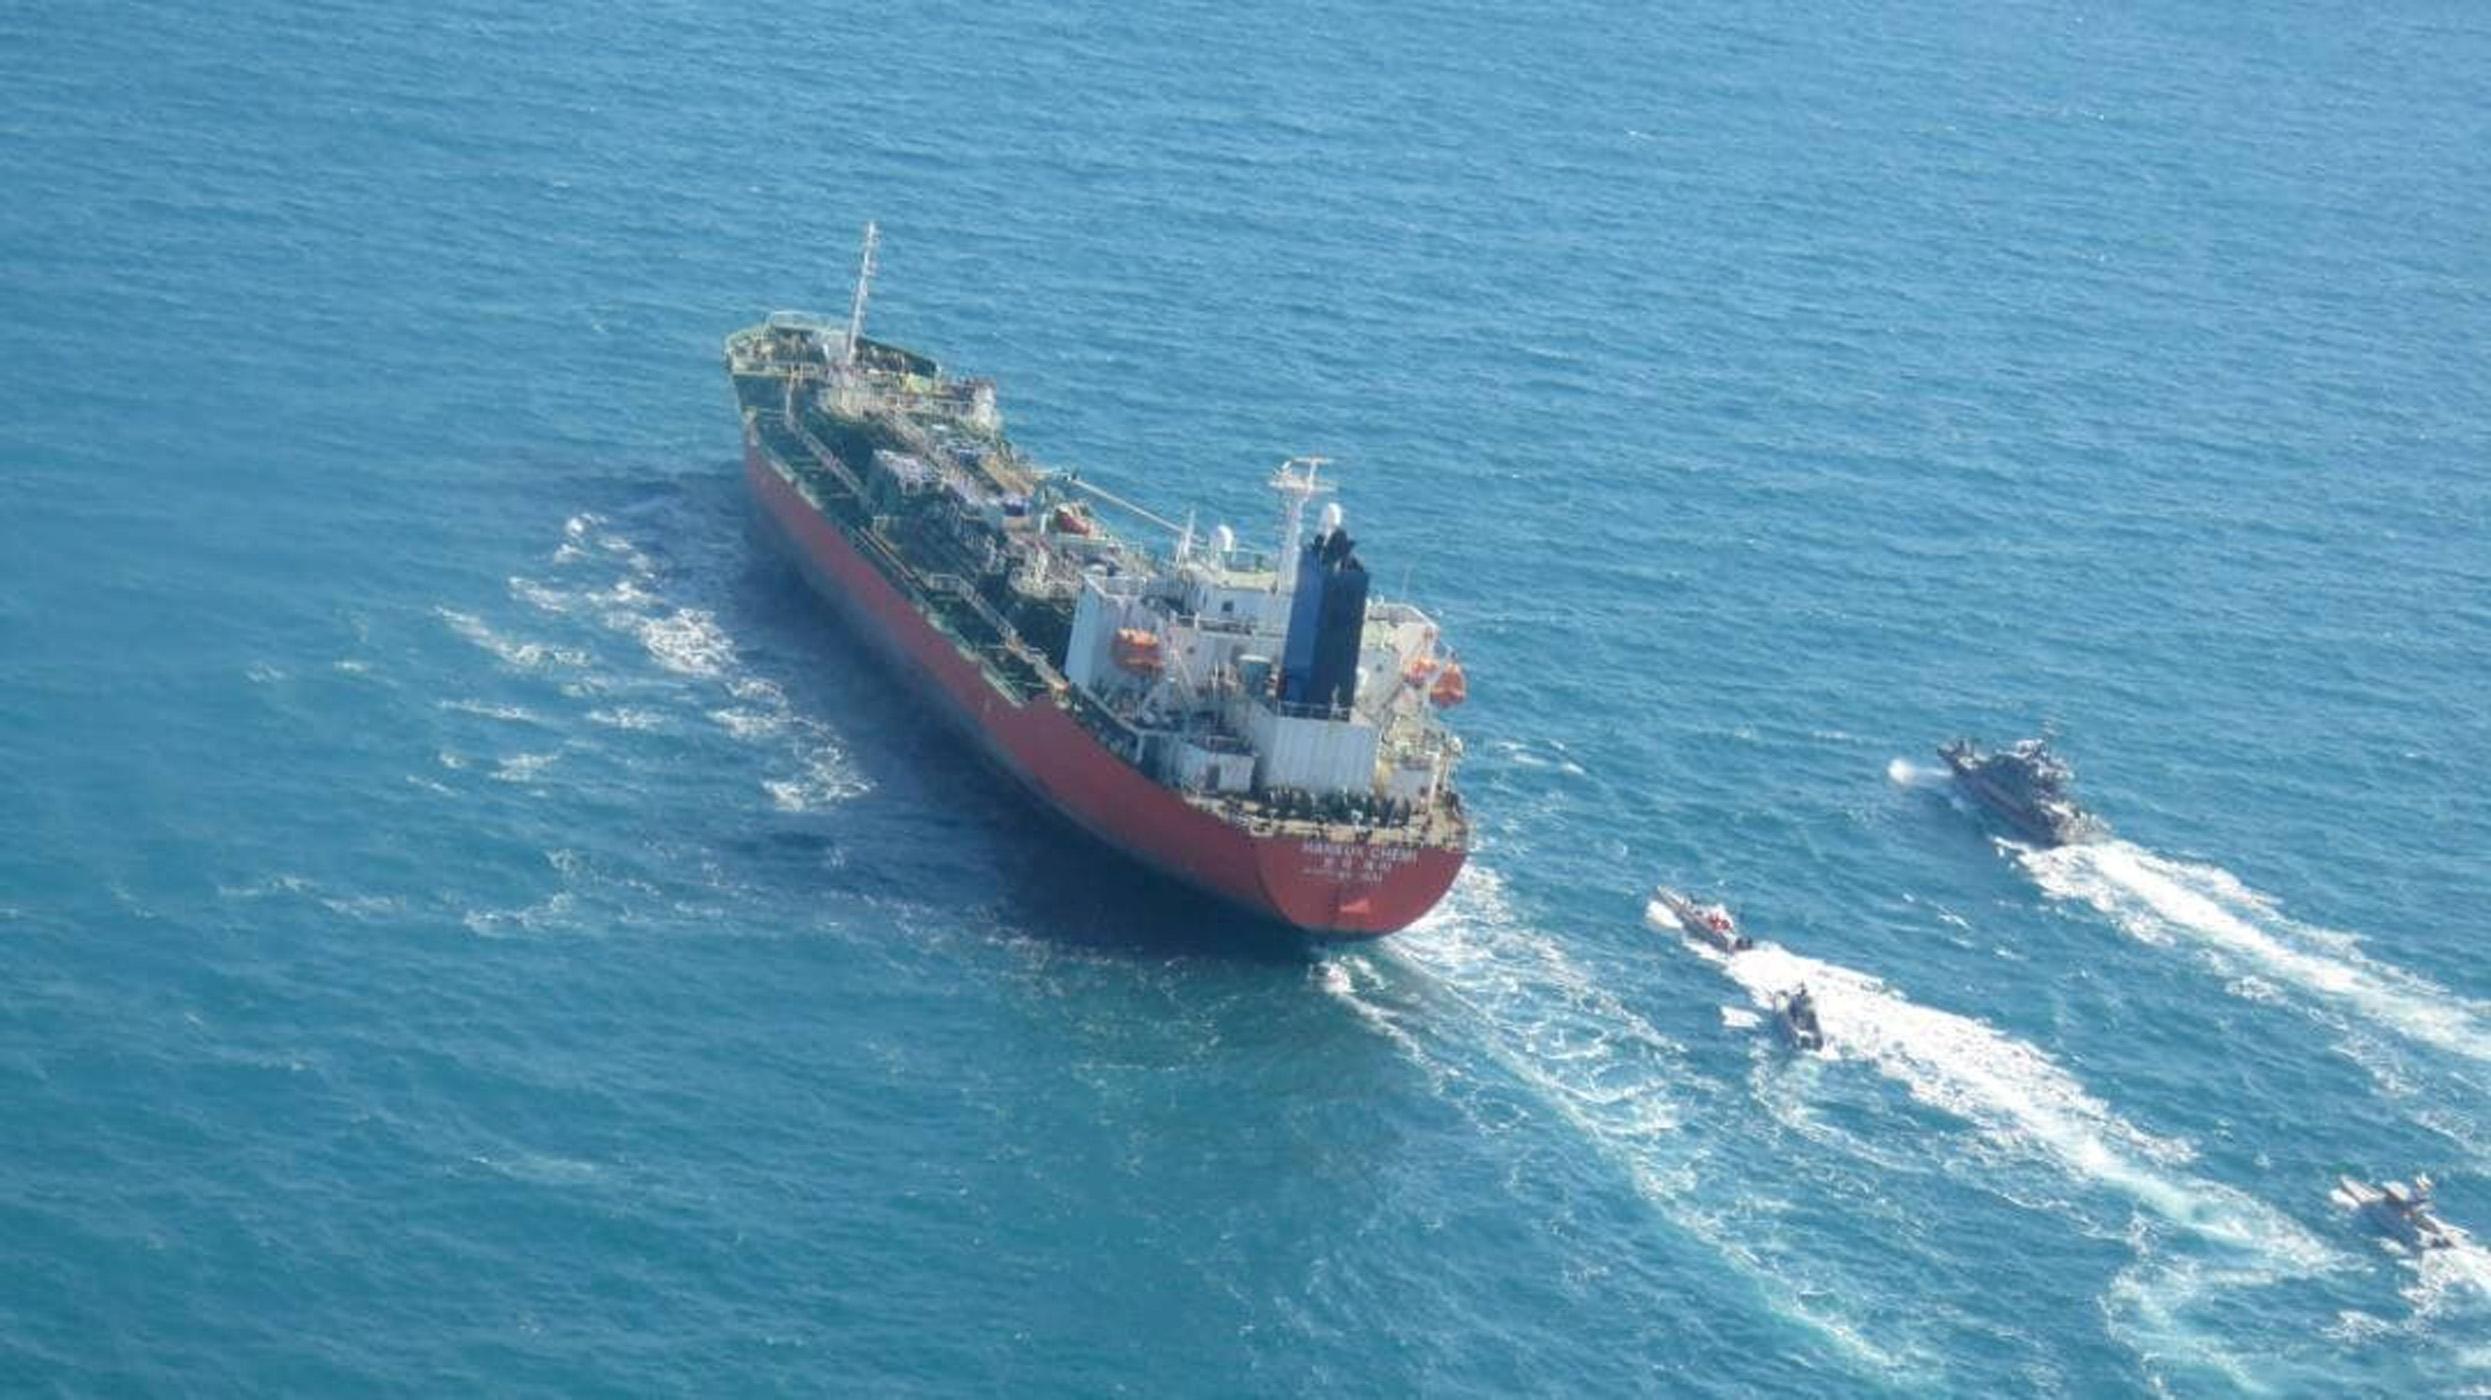 Το Ιράν κατέλαβε ένα δεξαμενόπλοιο με σημαία Νότιας Κορέας